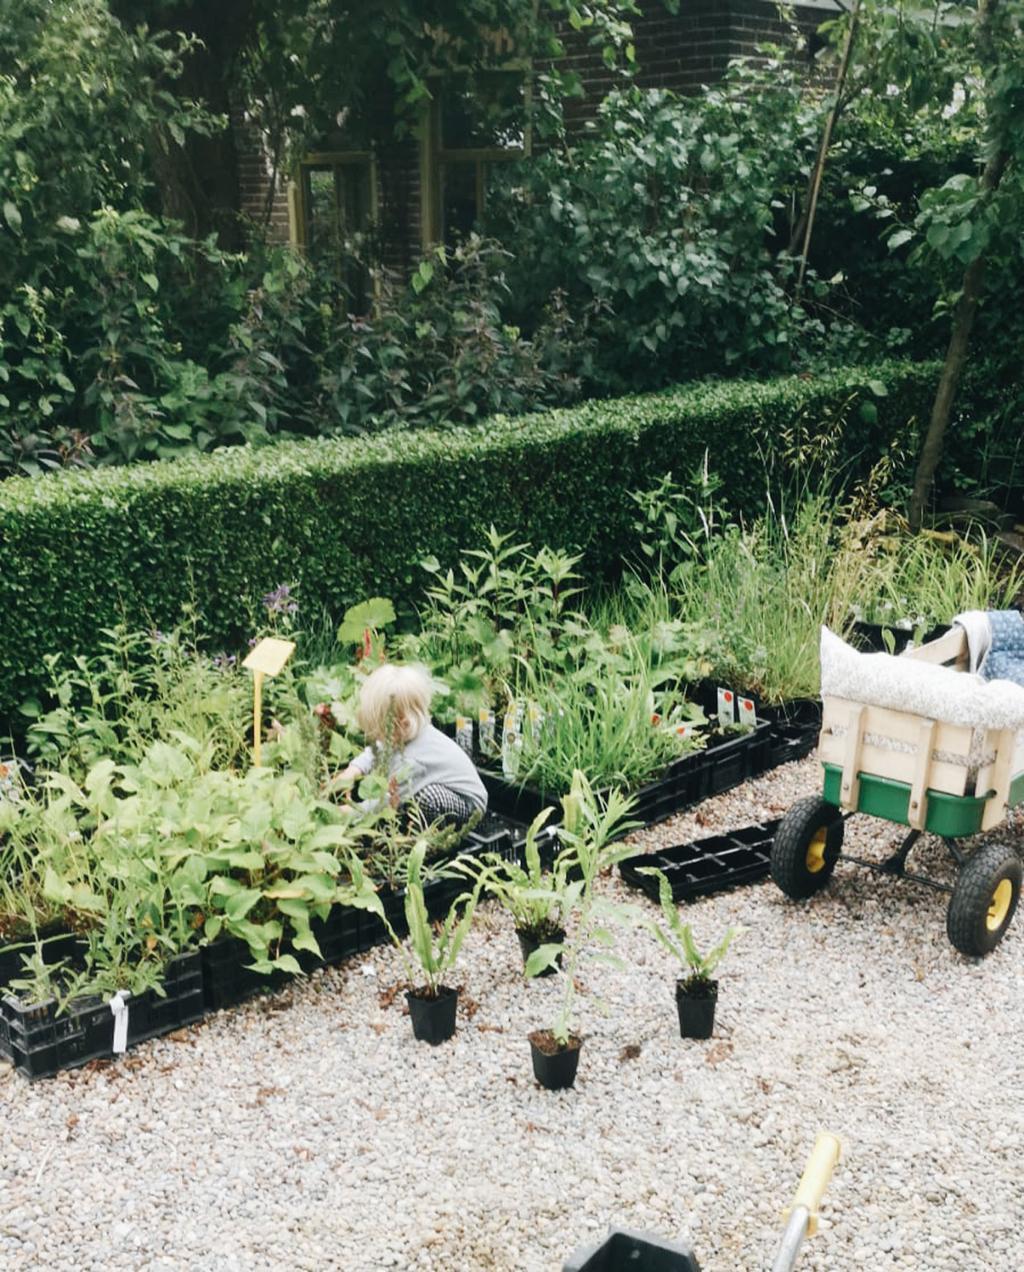 voorstellen nieuwe tuinbloggers vivian en mark | kind speelt in moestuin met karretje